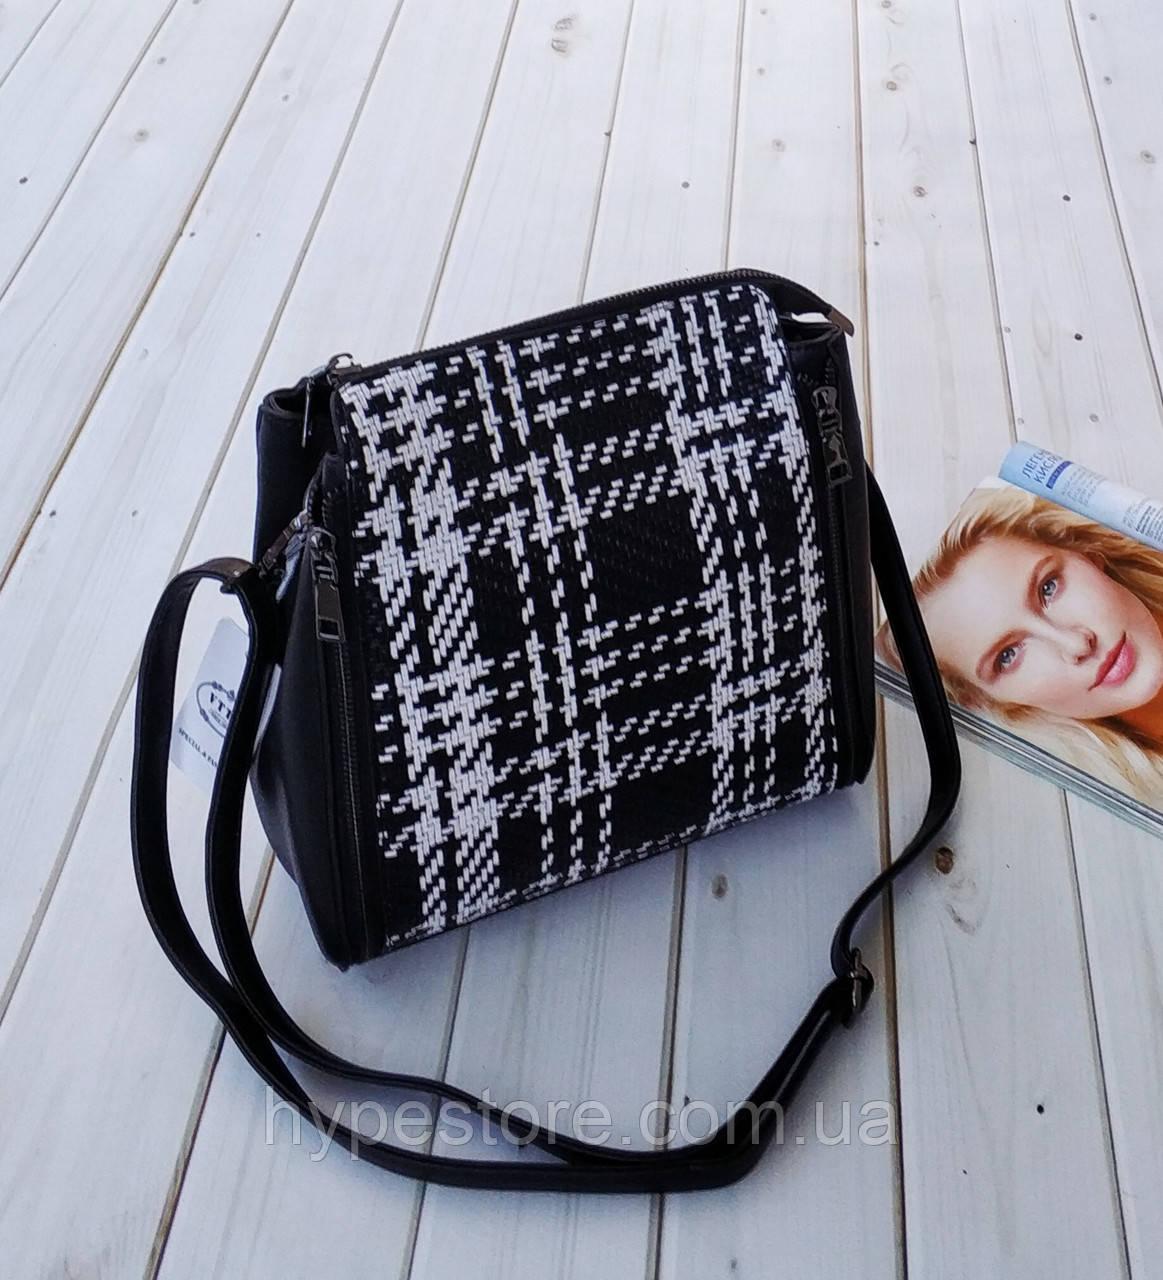 Модная элегантная качественная женская сумка кросс-боди от бренда VTTV & Young ,ЧИТАЙТЕ ОПИСАНИЕ ТОВАРА!!!